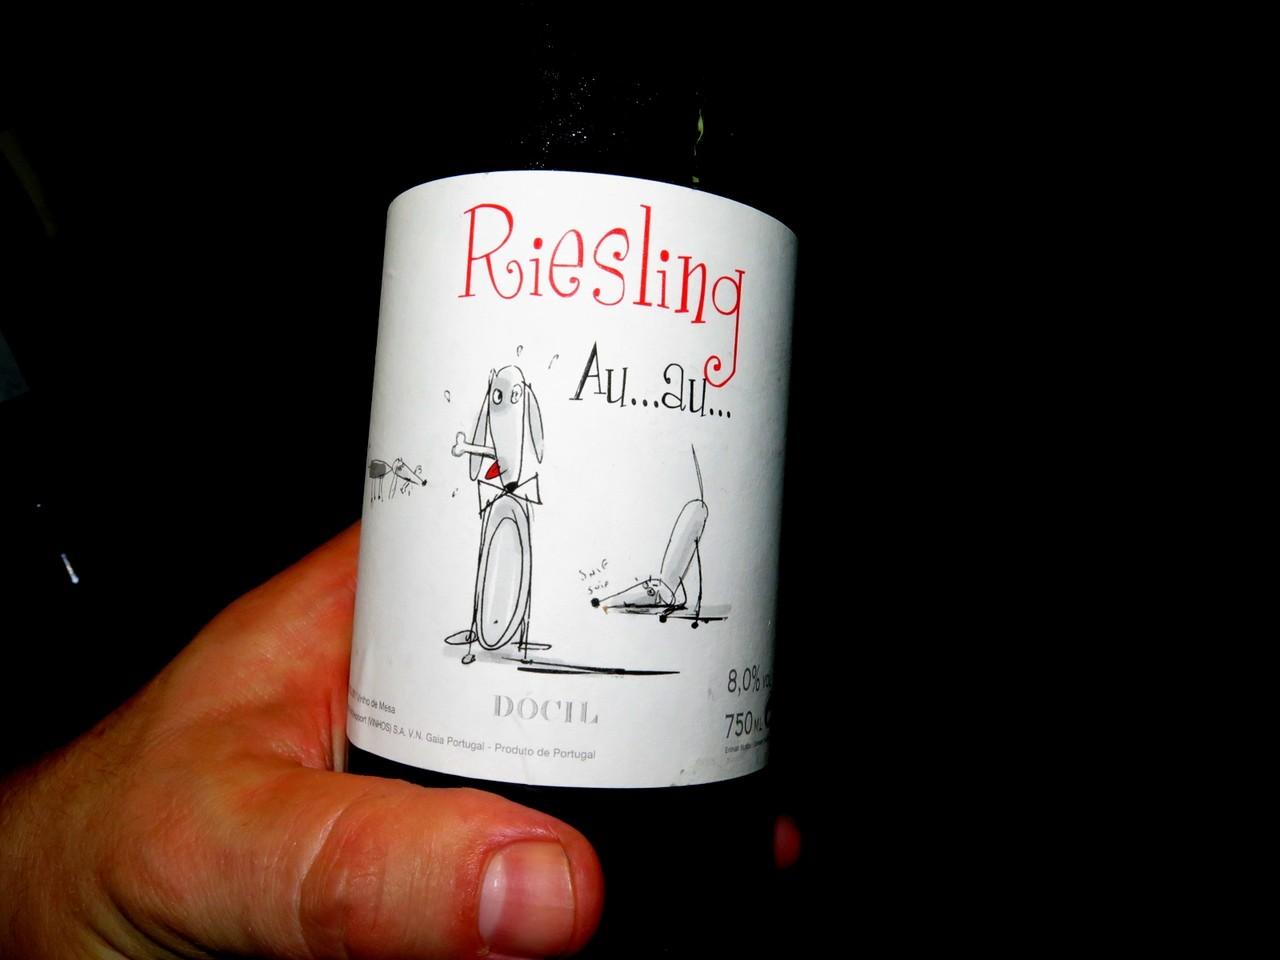 Au... Au... Riesling 2011